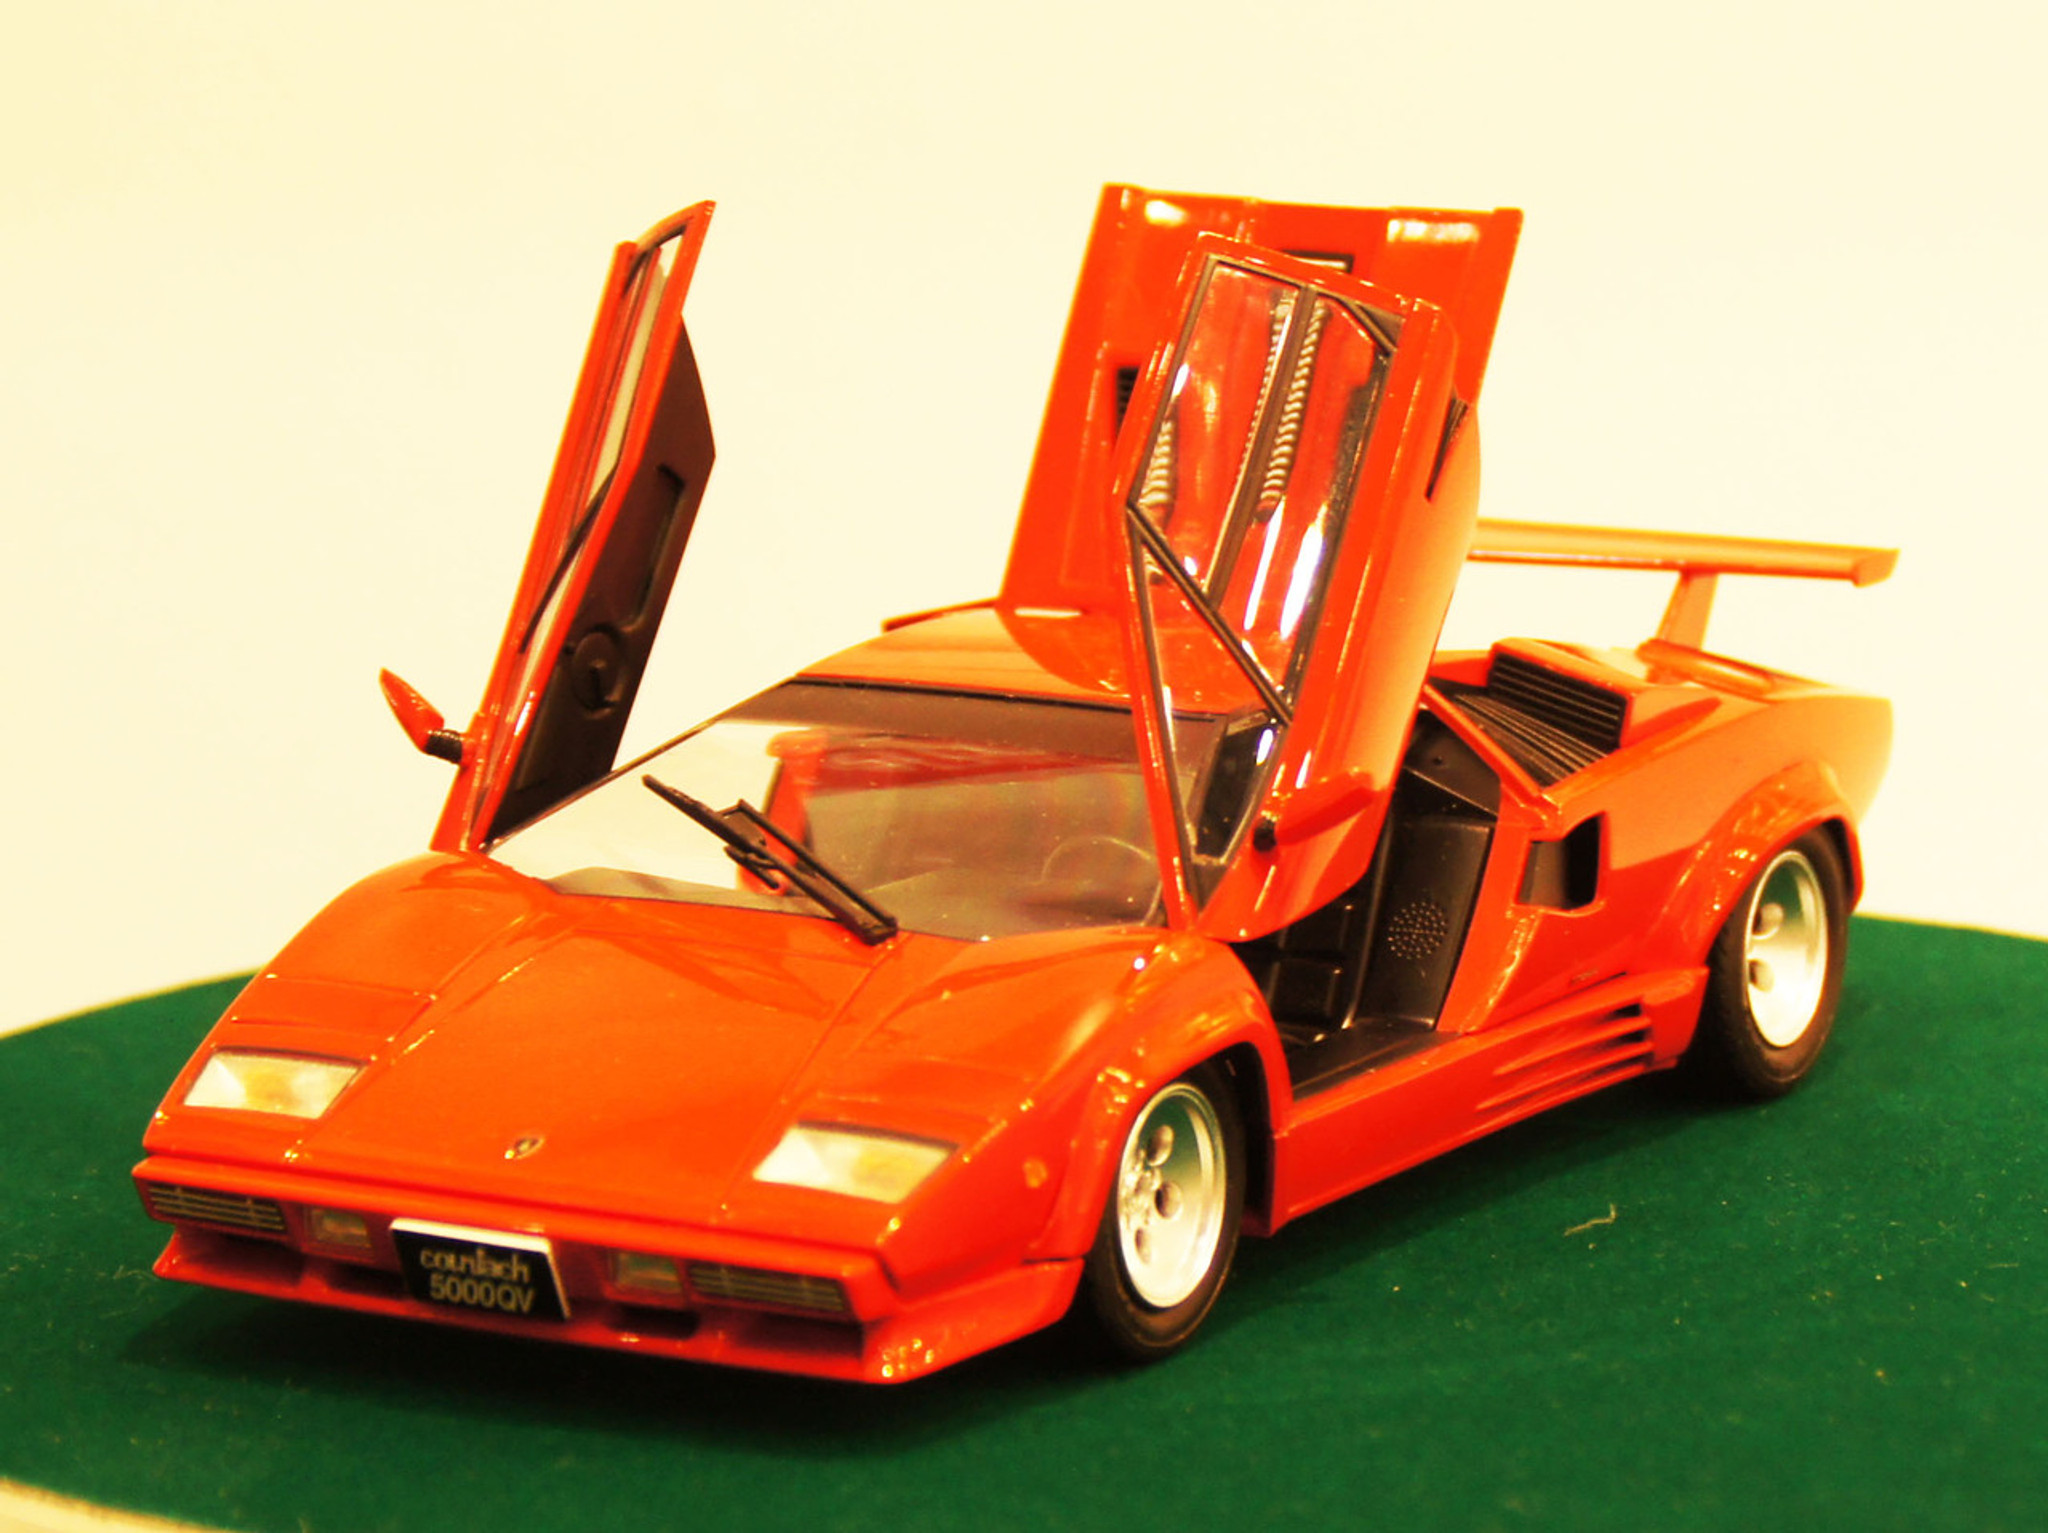 Aoshima 11546 Lamborghini Countach 5000 Quattrovalvole Injection